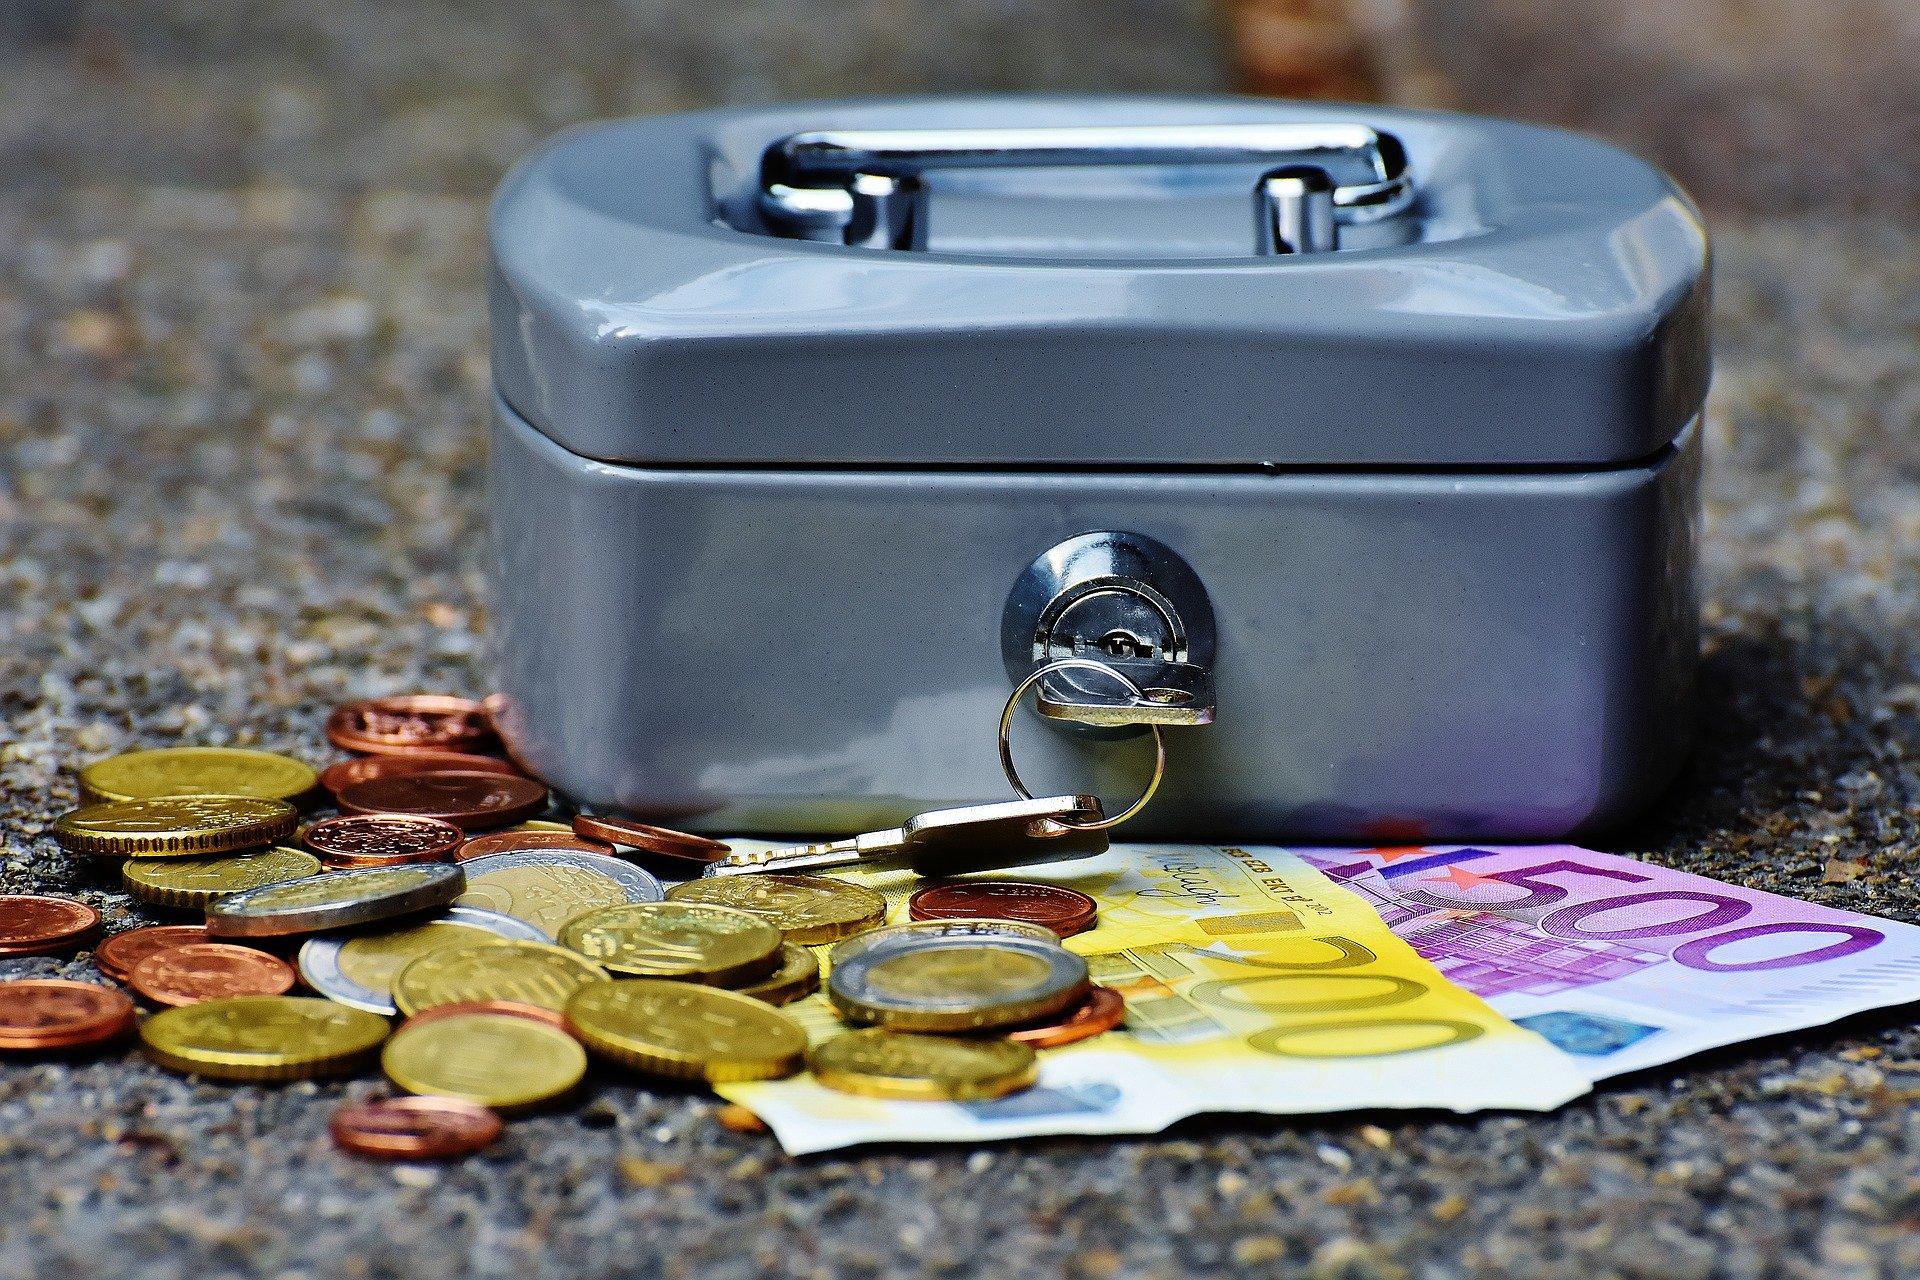 ahorrar dinero con el carro (Foto: Pixabay)